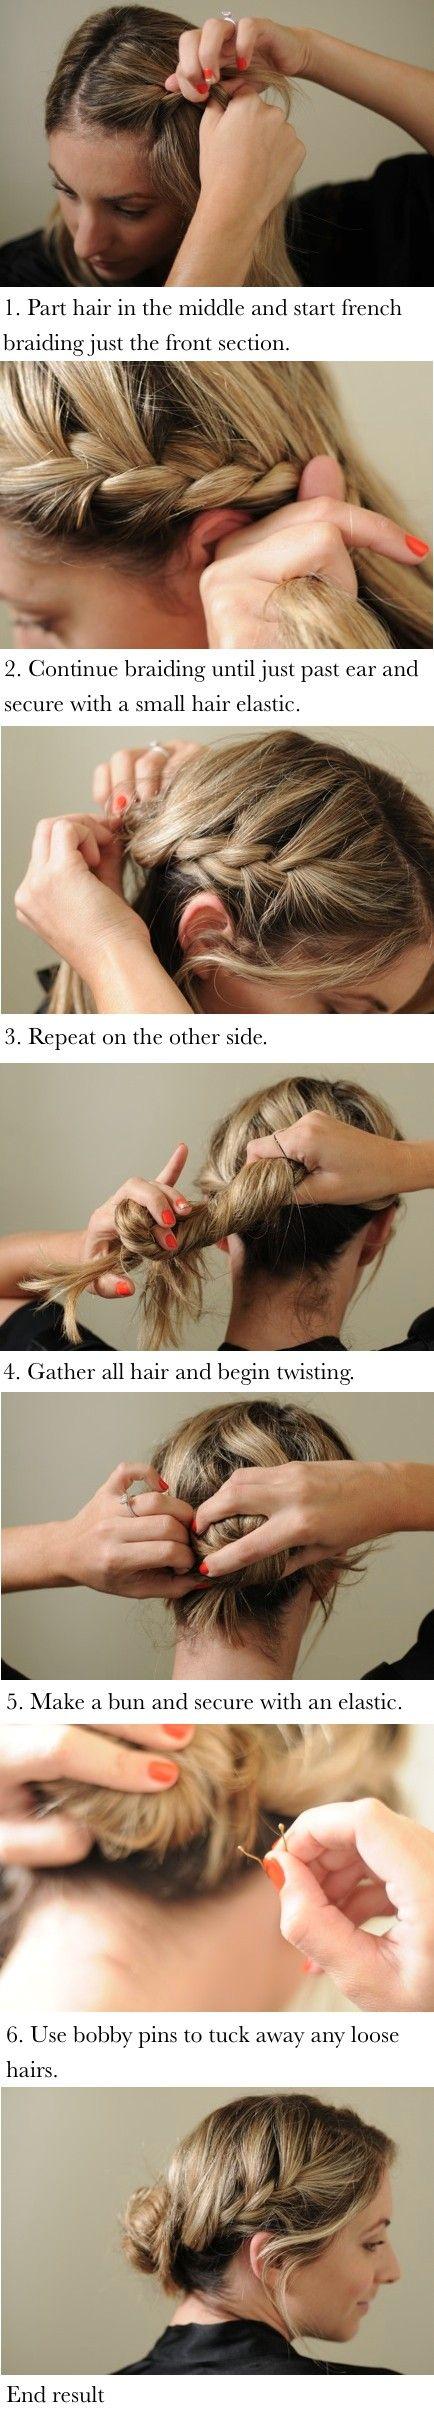 Hairstyle tutorials: